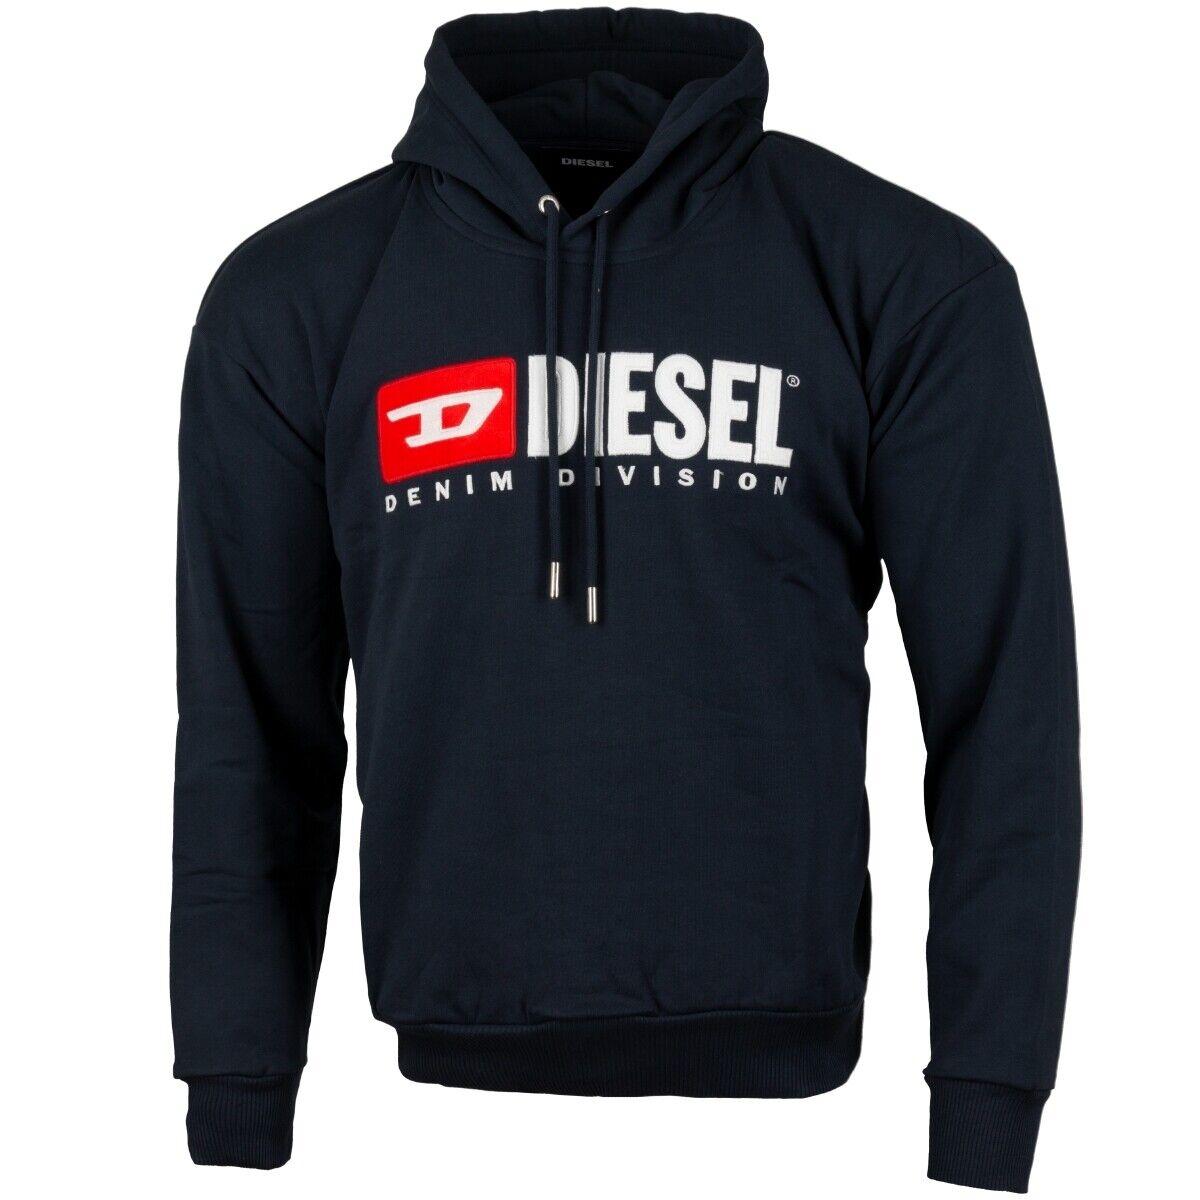 Diesel S-Division Sweatshirt mannen mannens Jumper Trui blauw 00SH34-0 catk --8IE